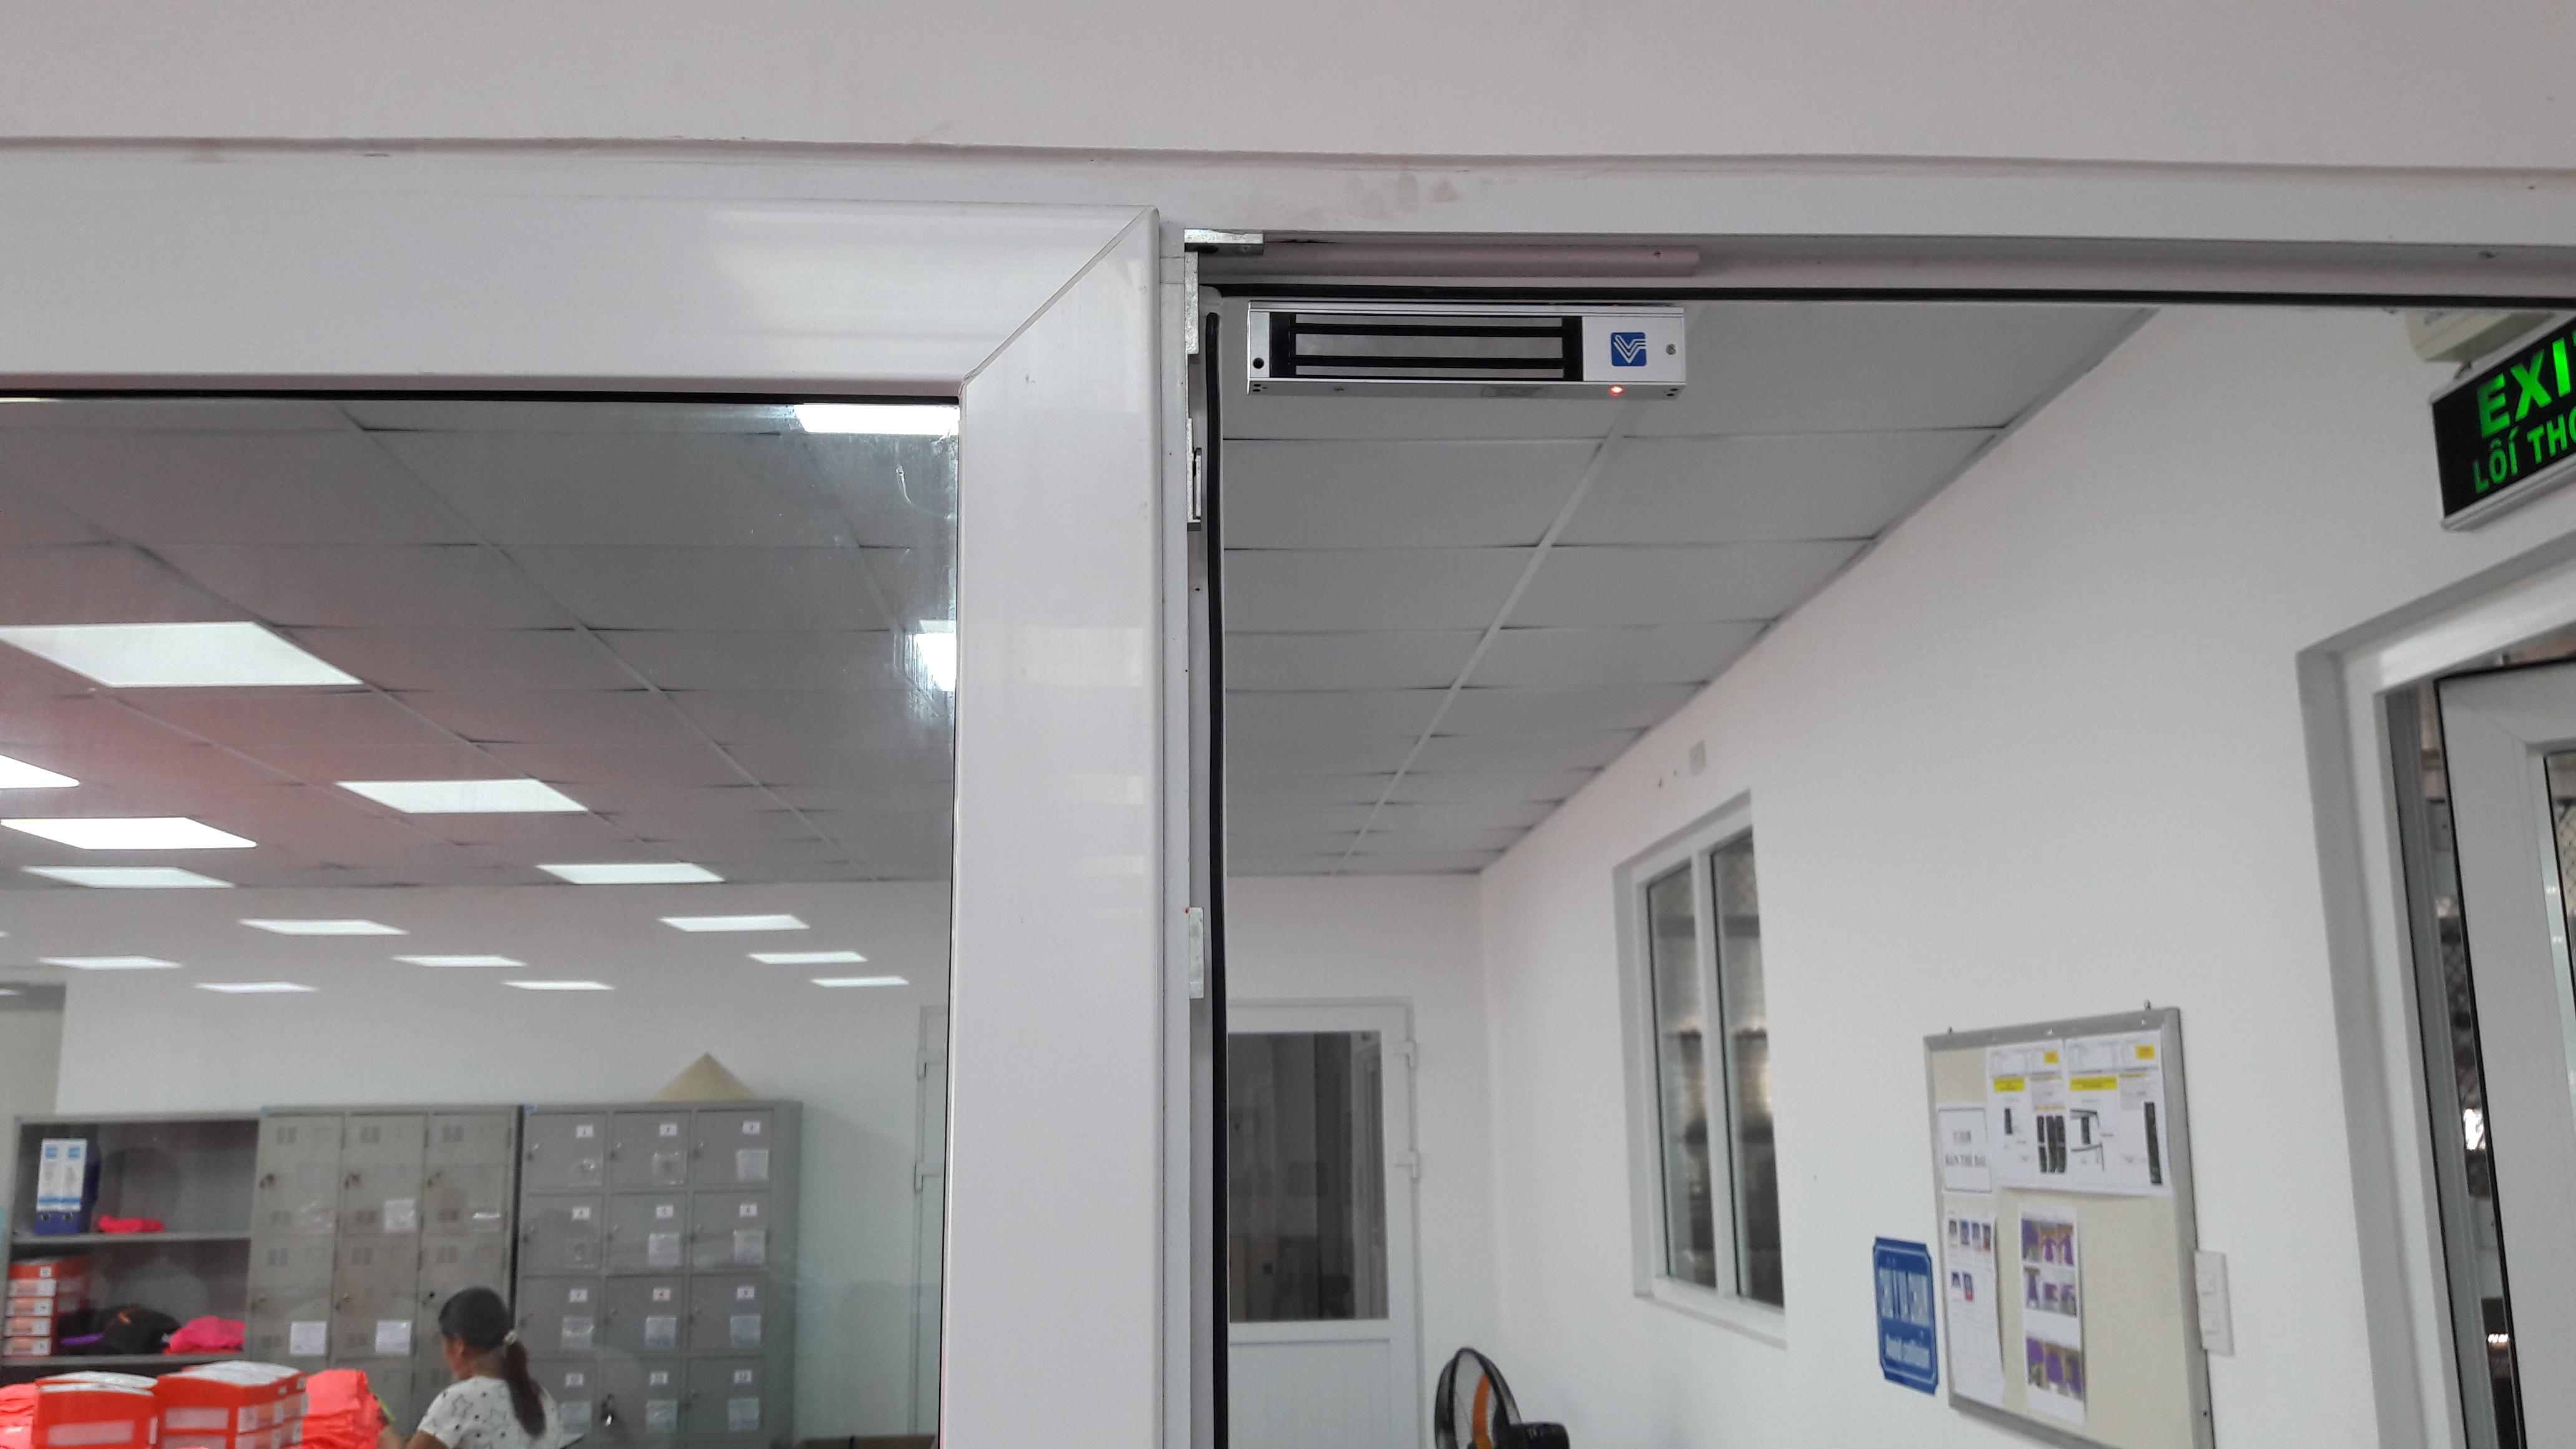 Khoa tu dien Vi-280LED được sử dụng cho nha may